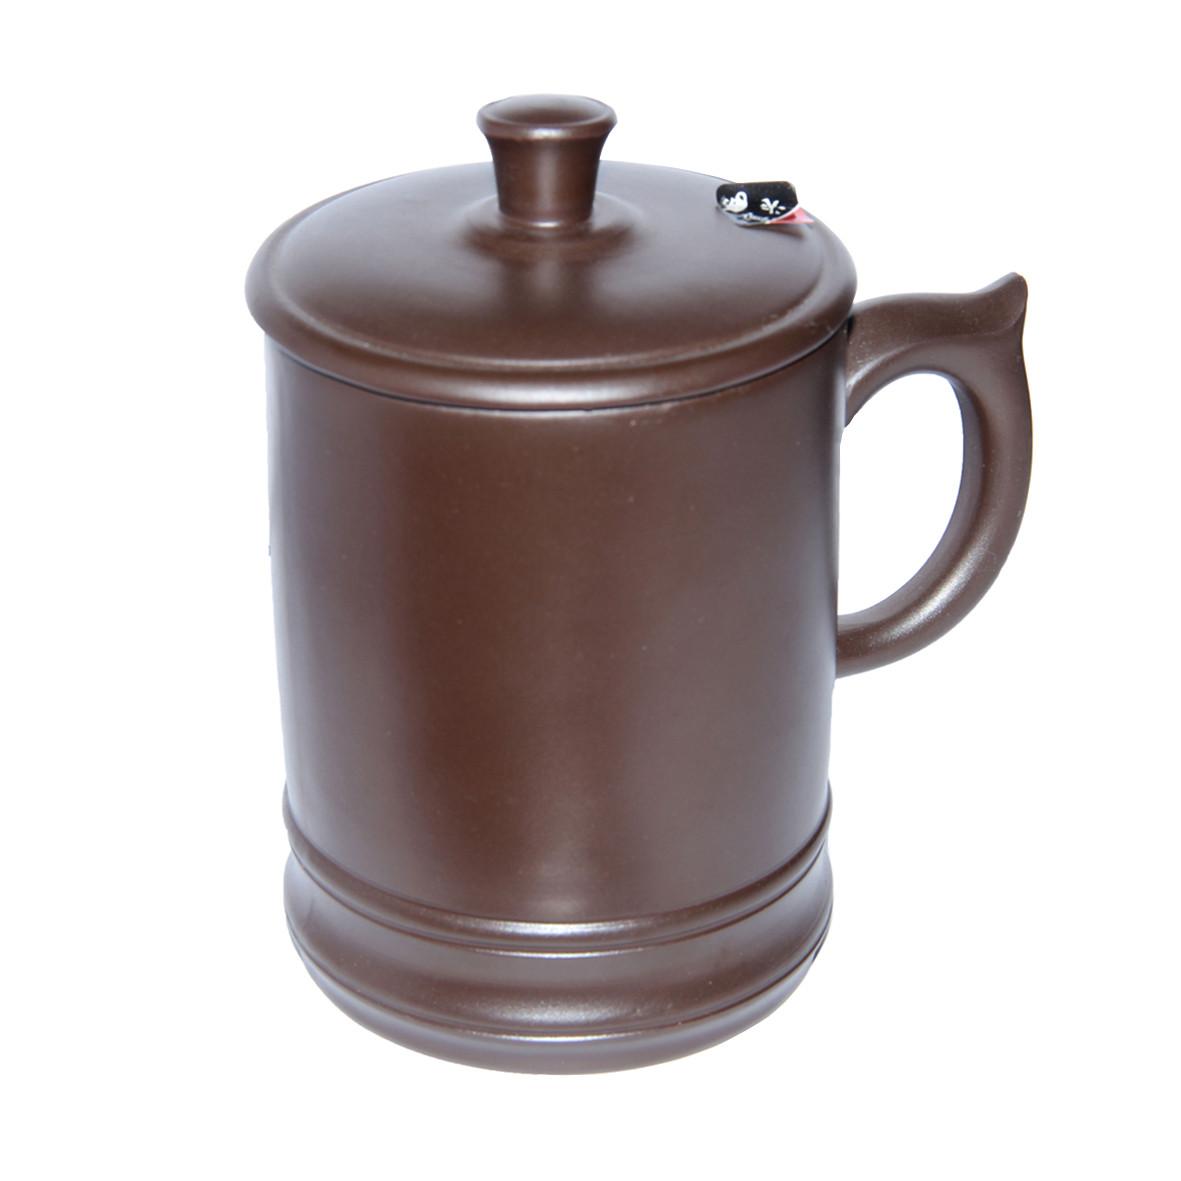 Глиняная кружка с крышкой Глянец, 500 мл ( чашка глиняная )